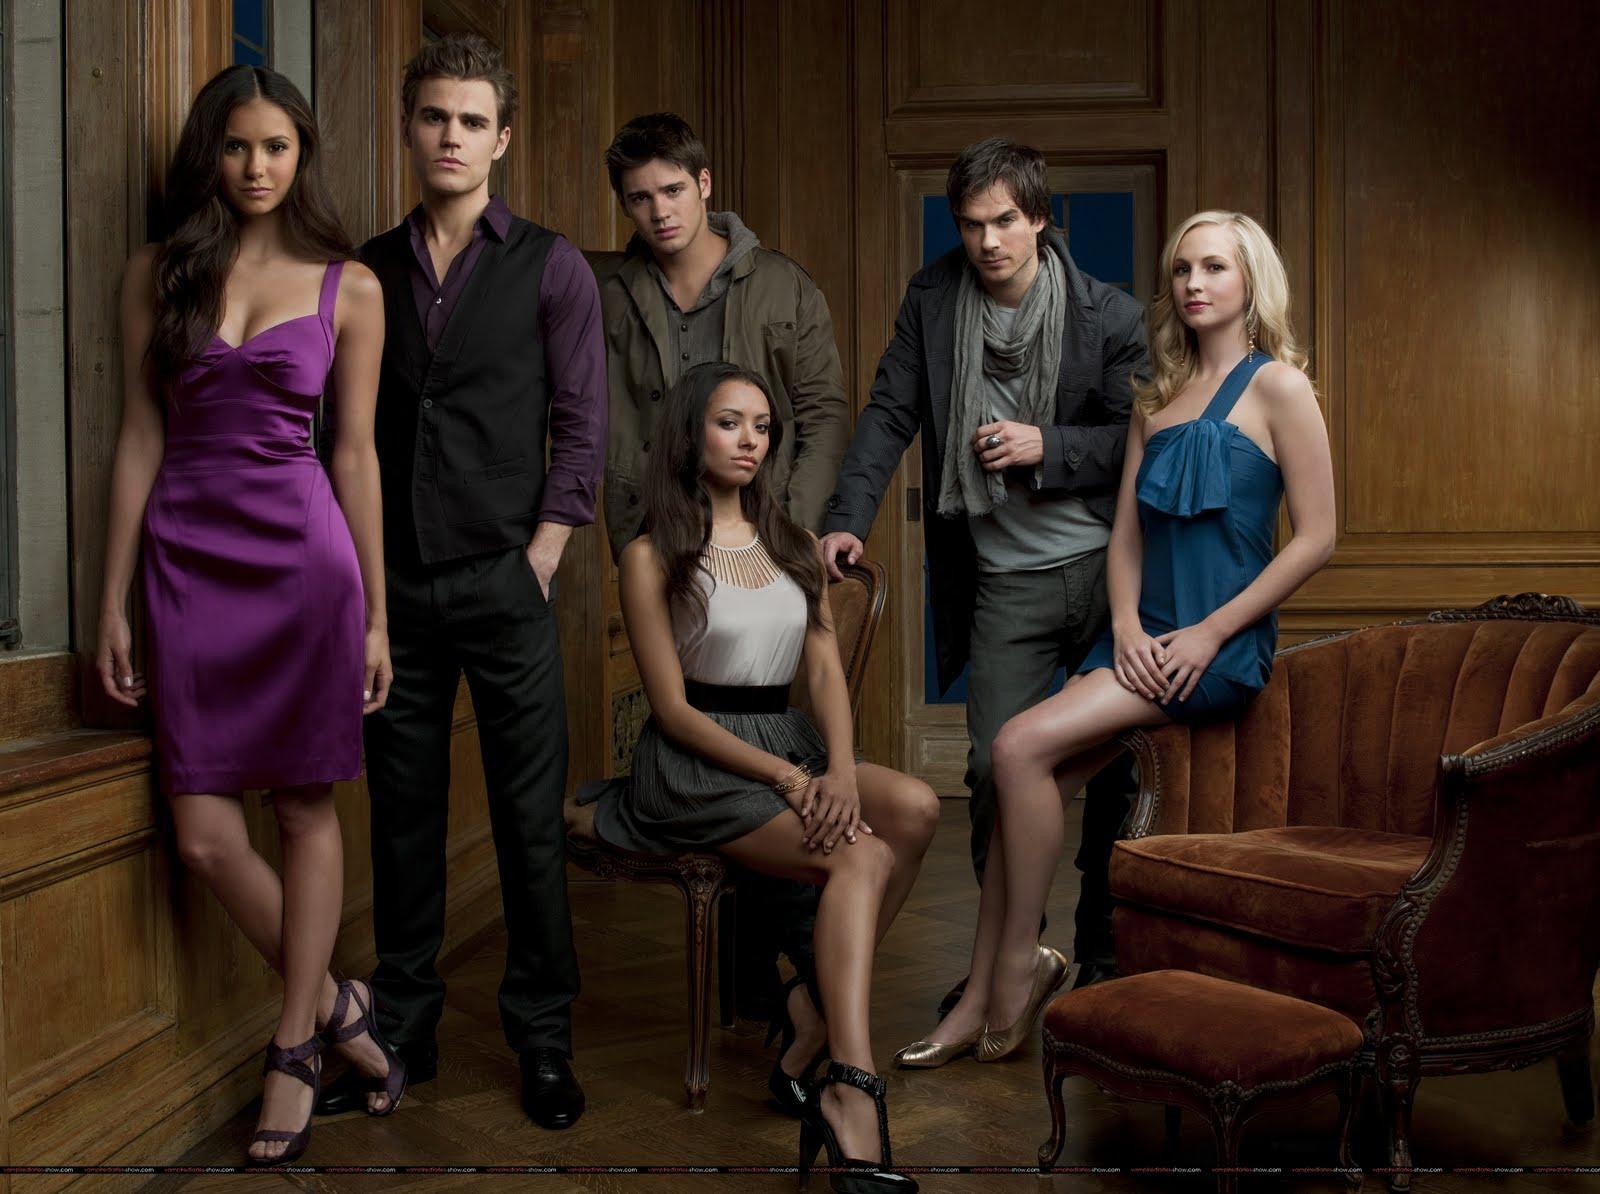 http://2.bp.blogspot.com/-qSuK_pC0boU/Tp9wvI-0w1I/AAAAAAAAAOs/JXK9s0RUz9w/s1600/vampire-diaries-season-3.jpg